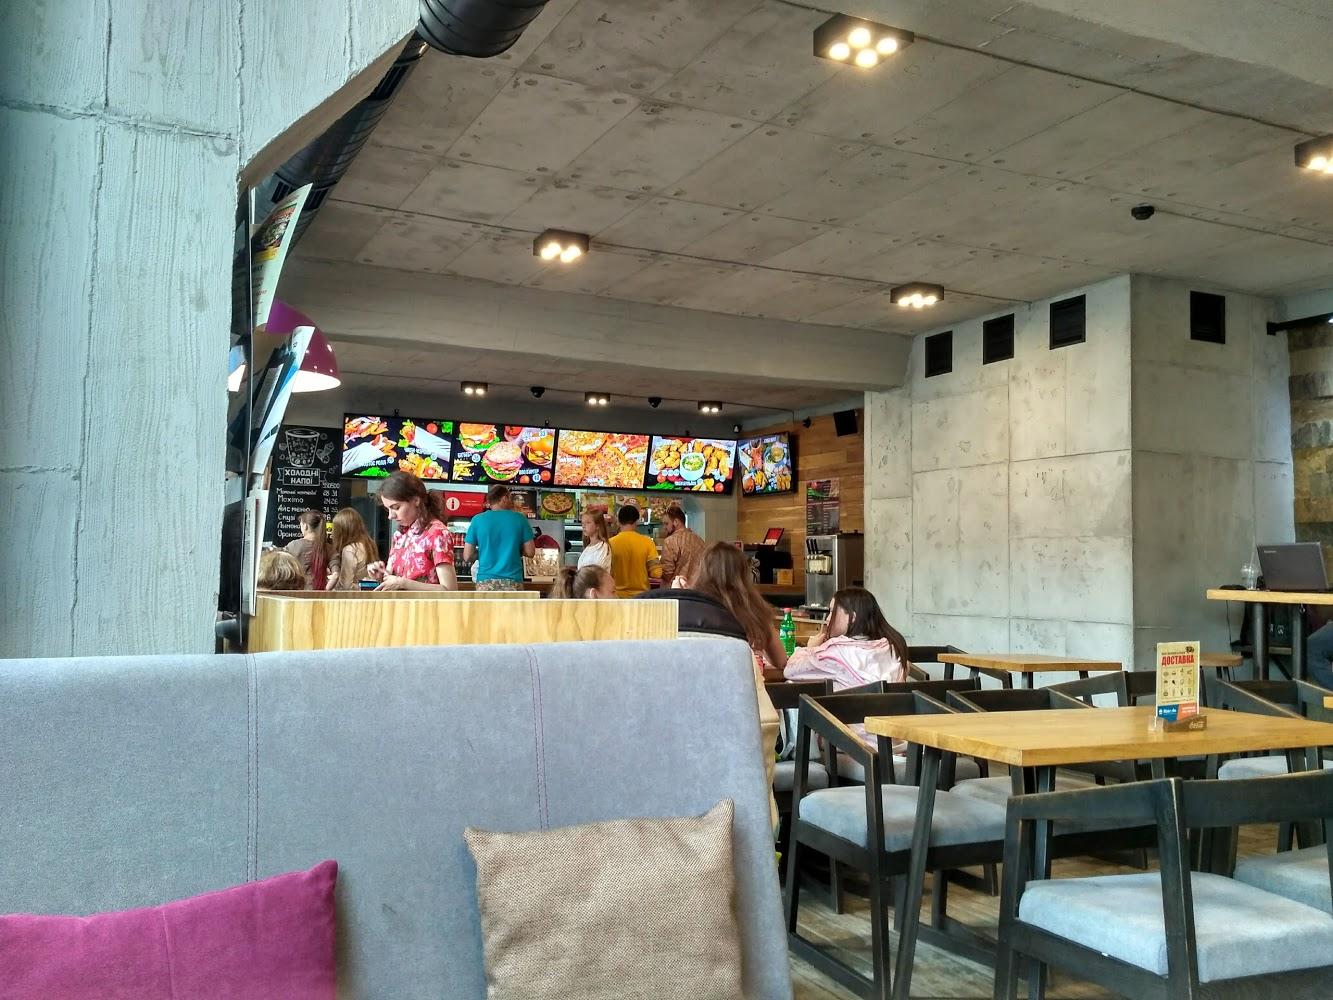 У ресторані в центрі міста виганяли відвідувача-порушника. Інші гості заступилися за чоловіка (ВІДЕО)